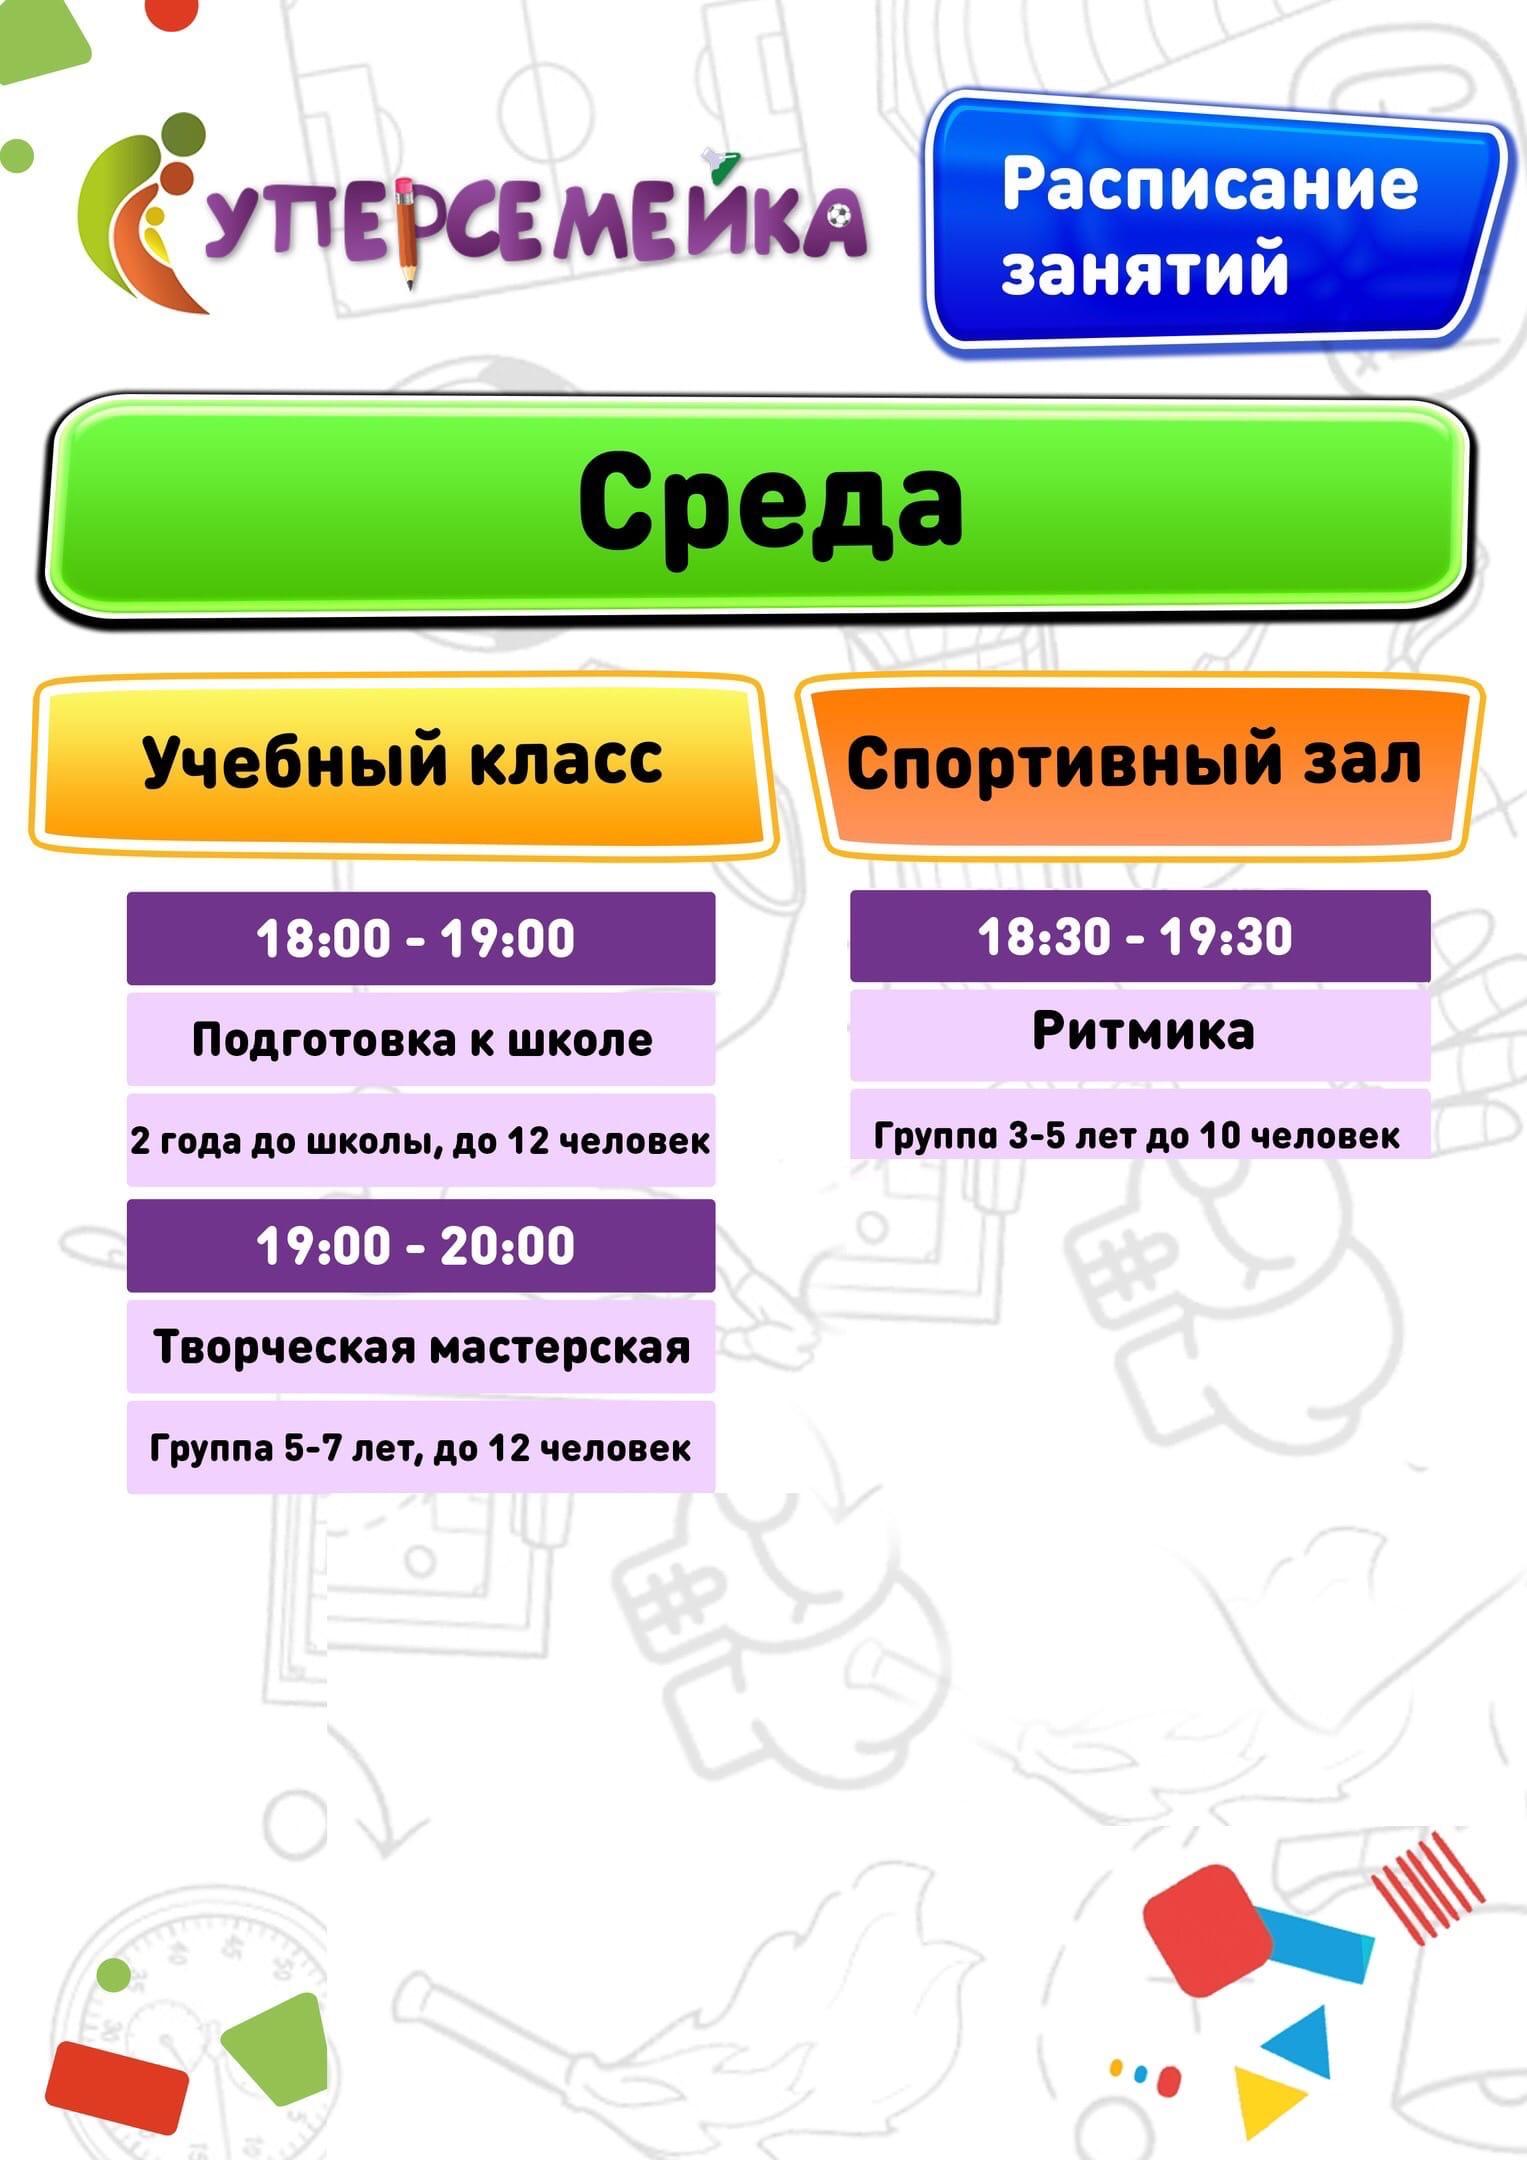 Расписание на Среду